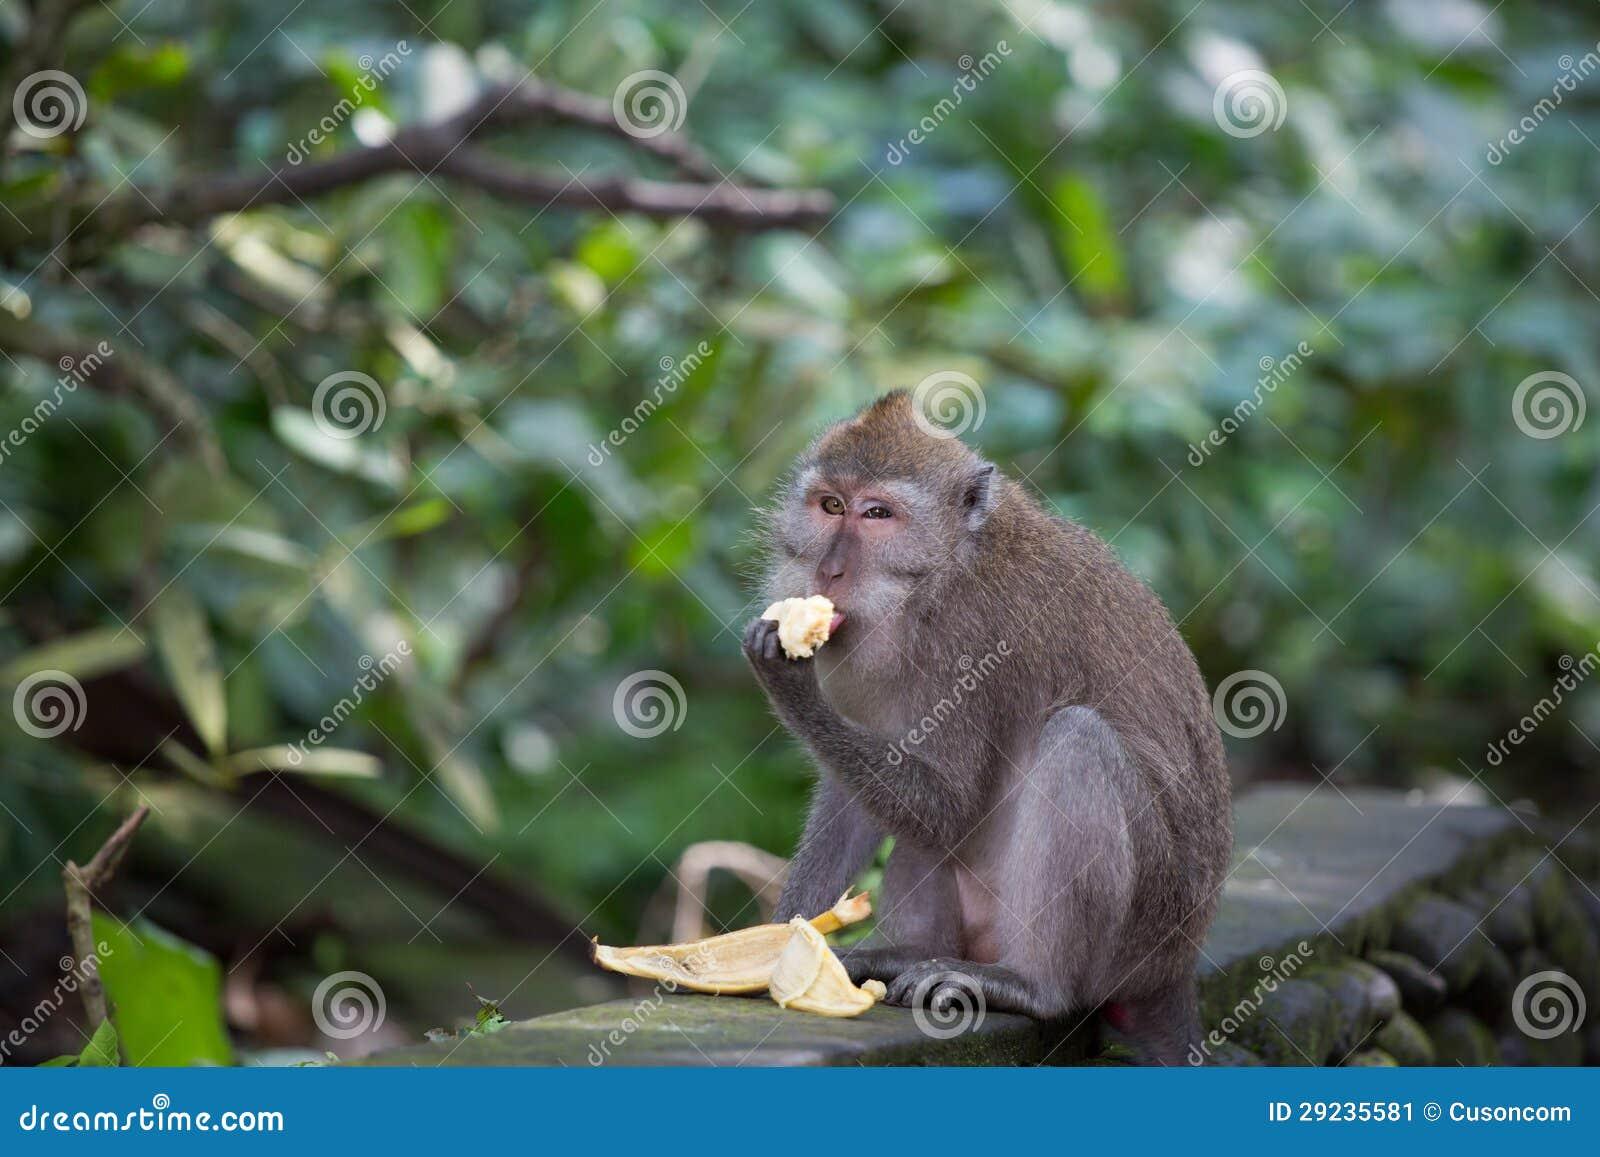 Download Macaco imagem de stock. Imagem de montanha, habitat, mamífero - 29235581